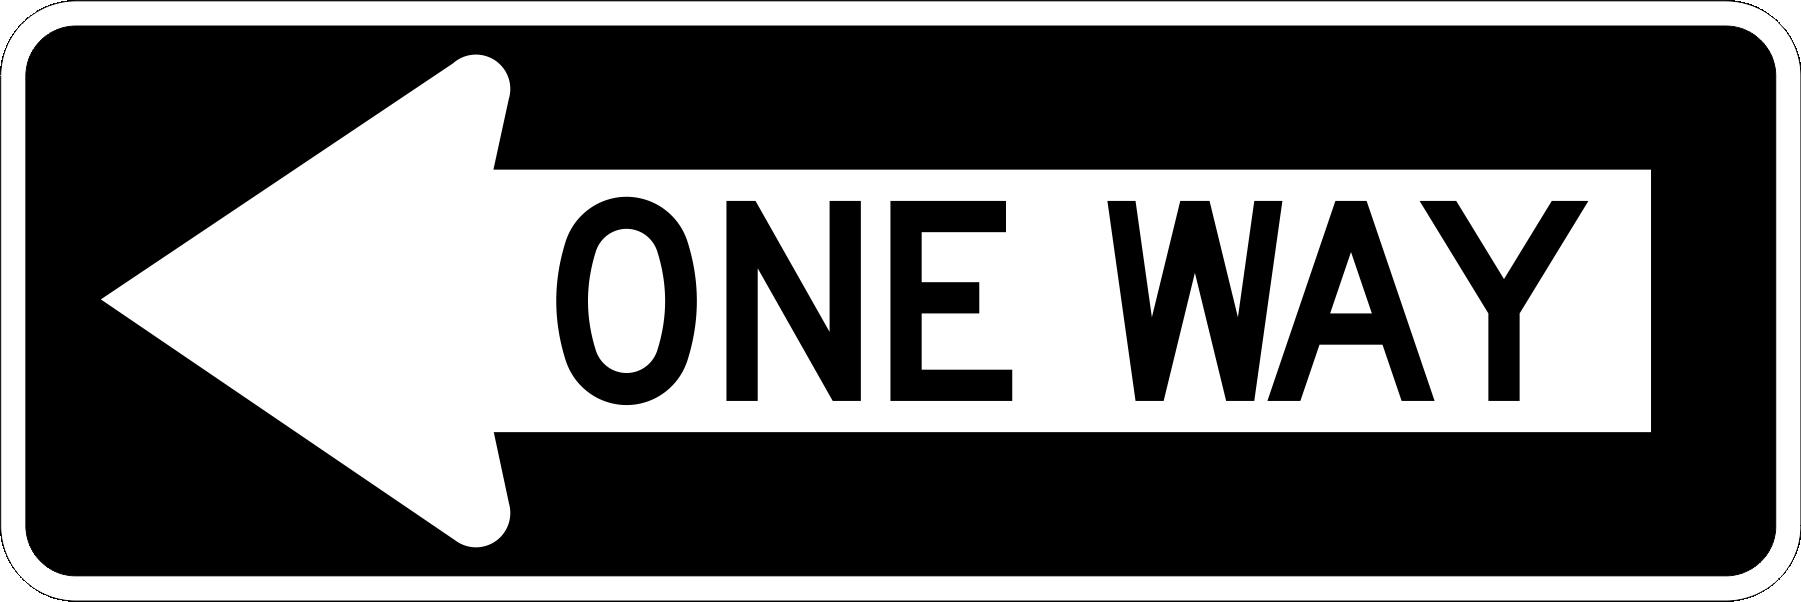 One Way - One Way IX